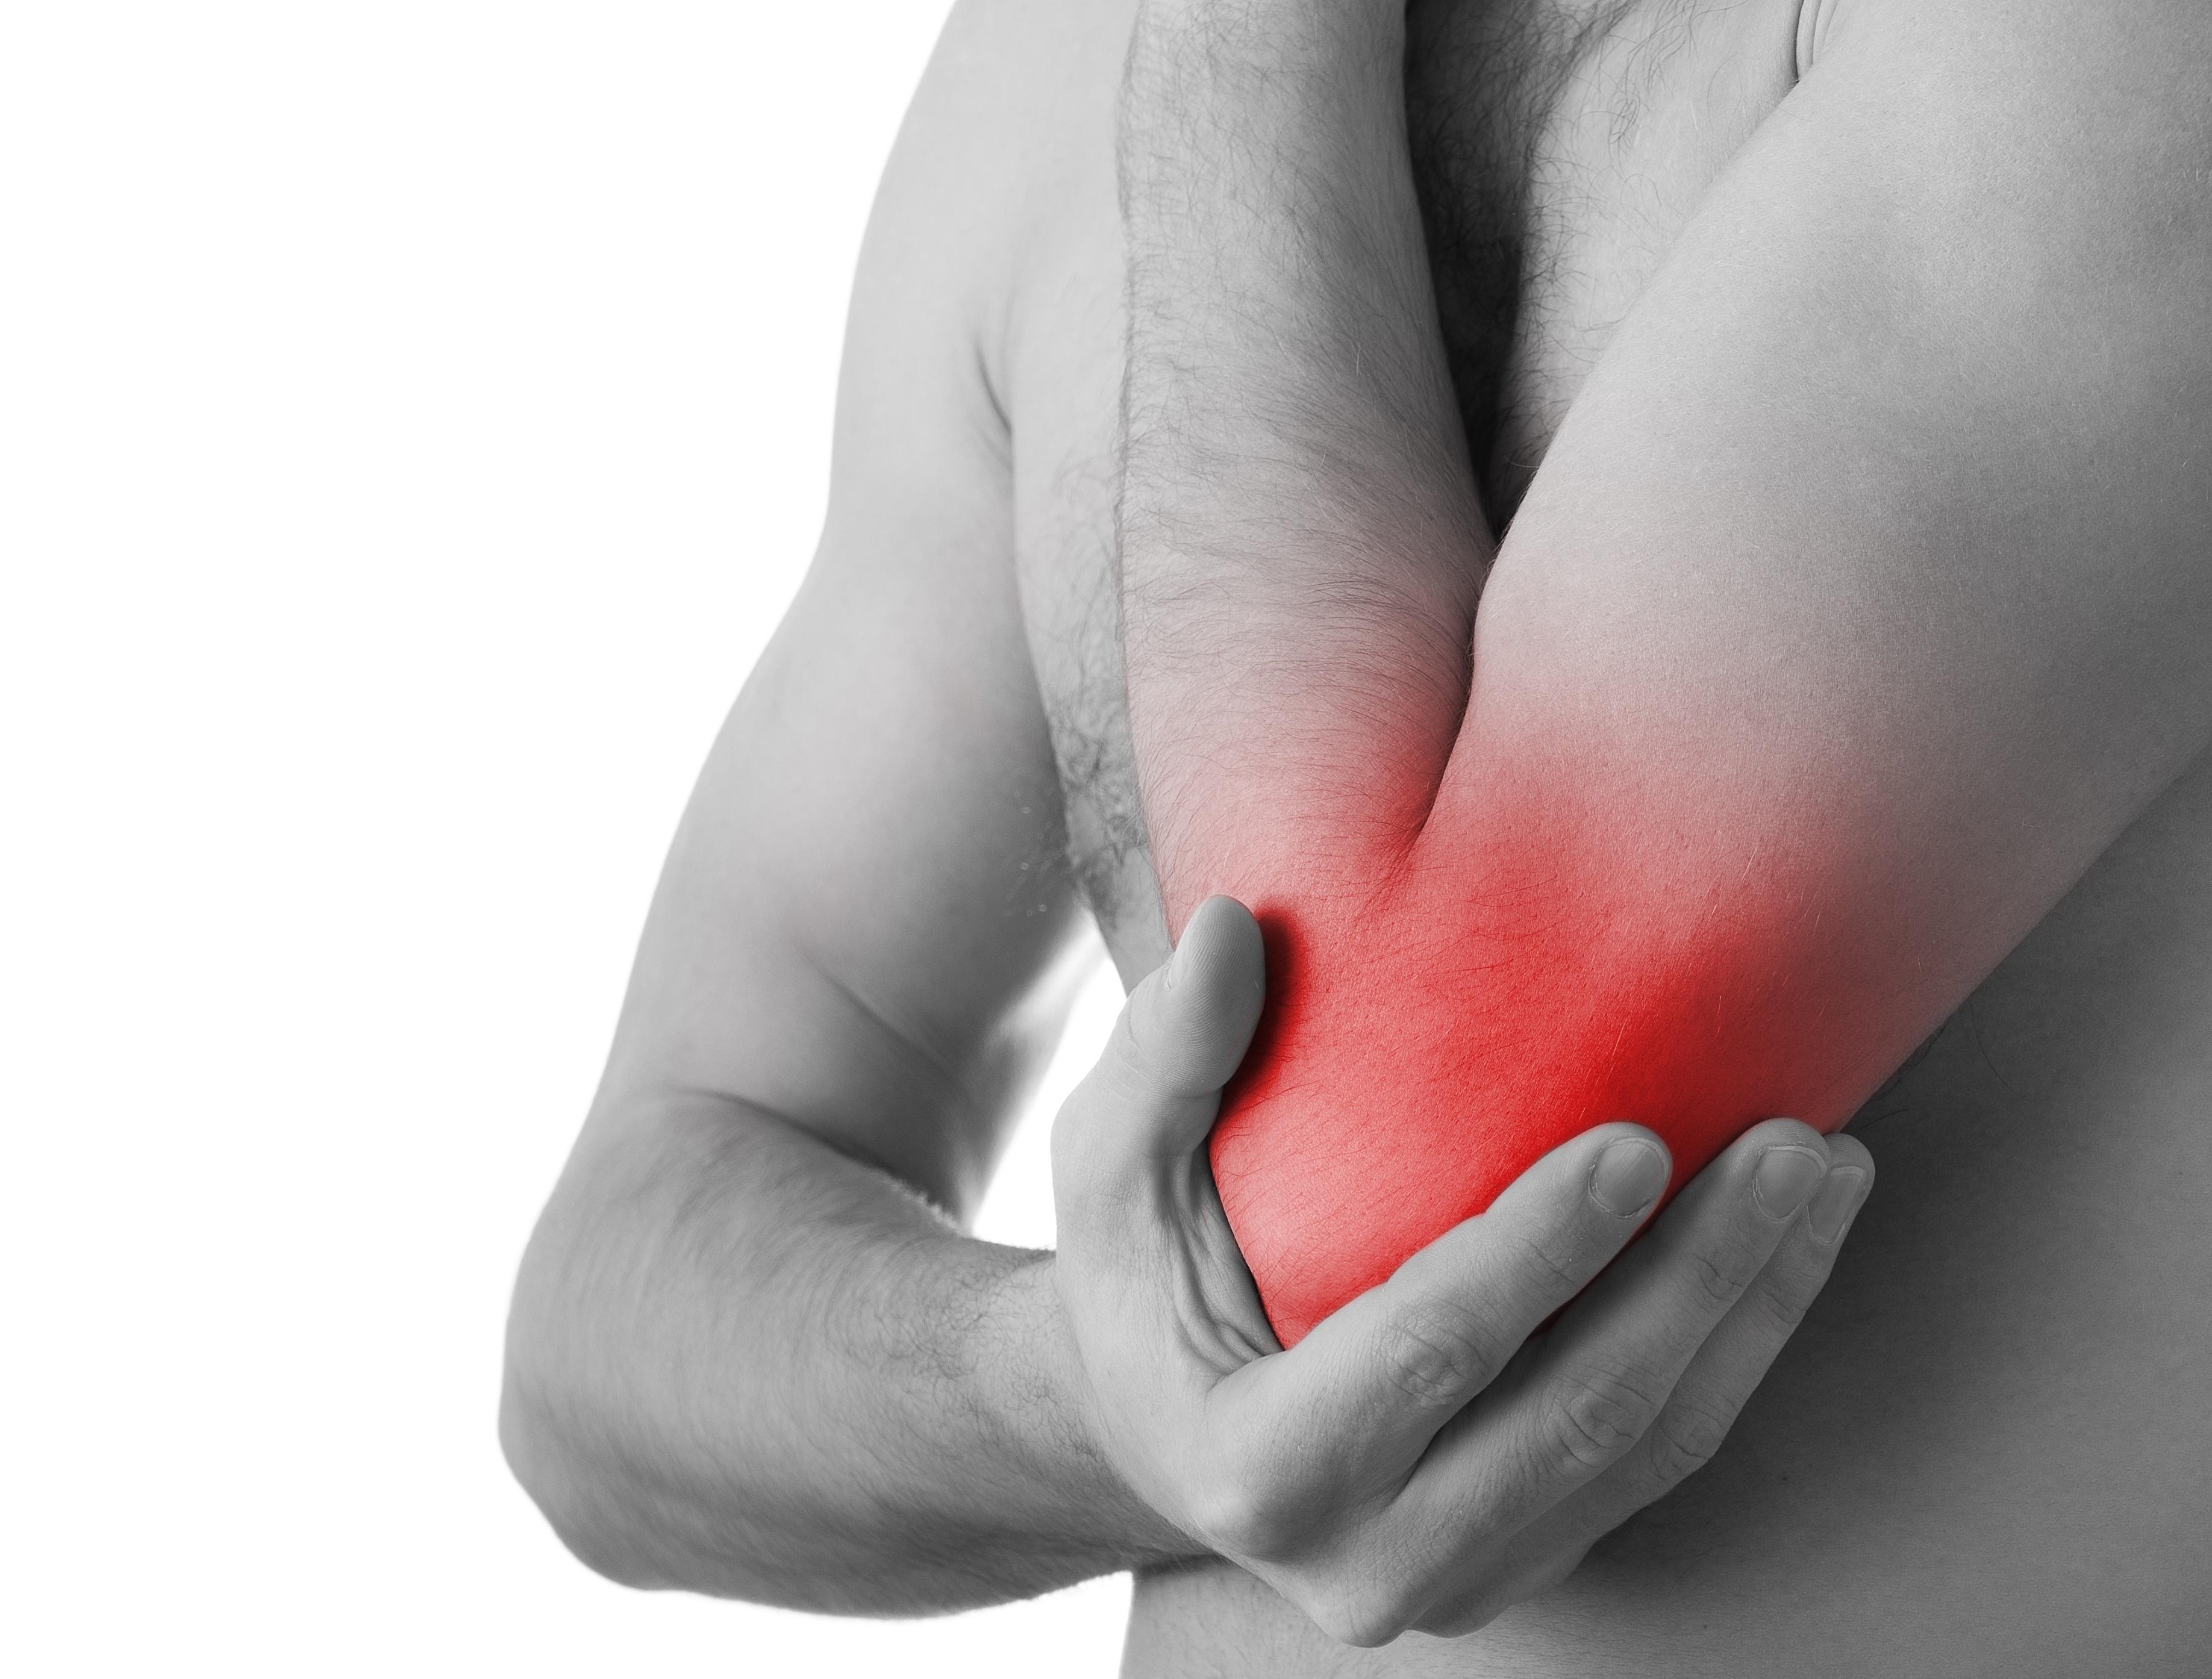 nem emelkedik a kar fáj a vállízületet